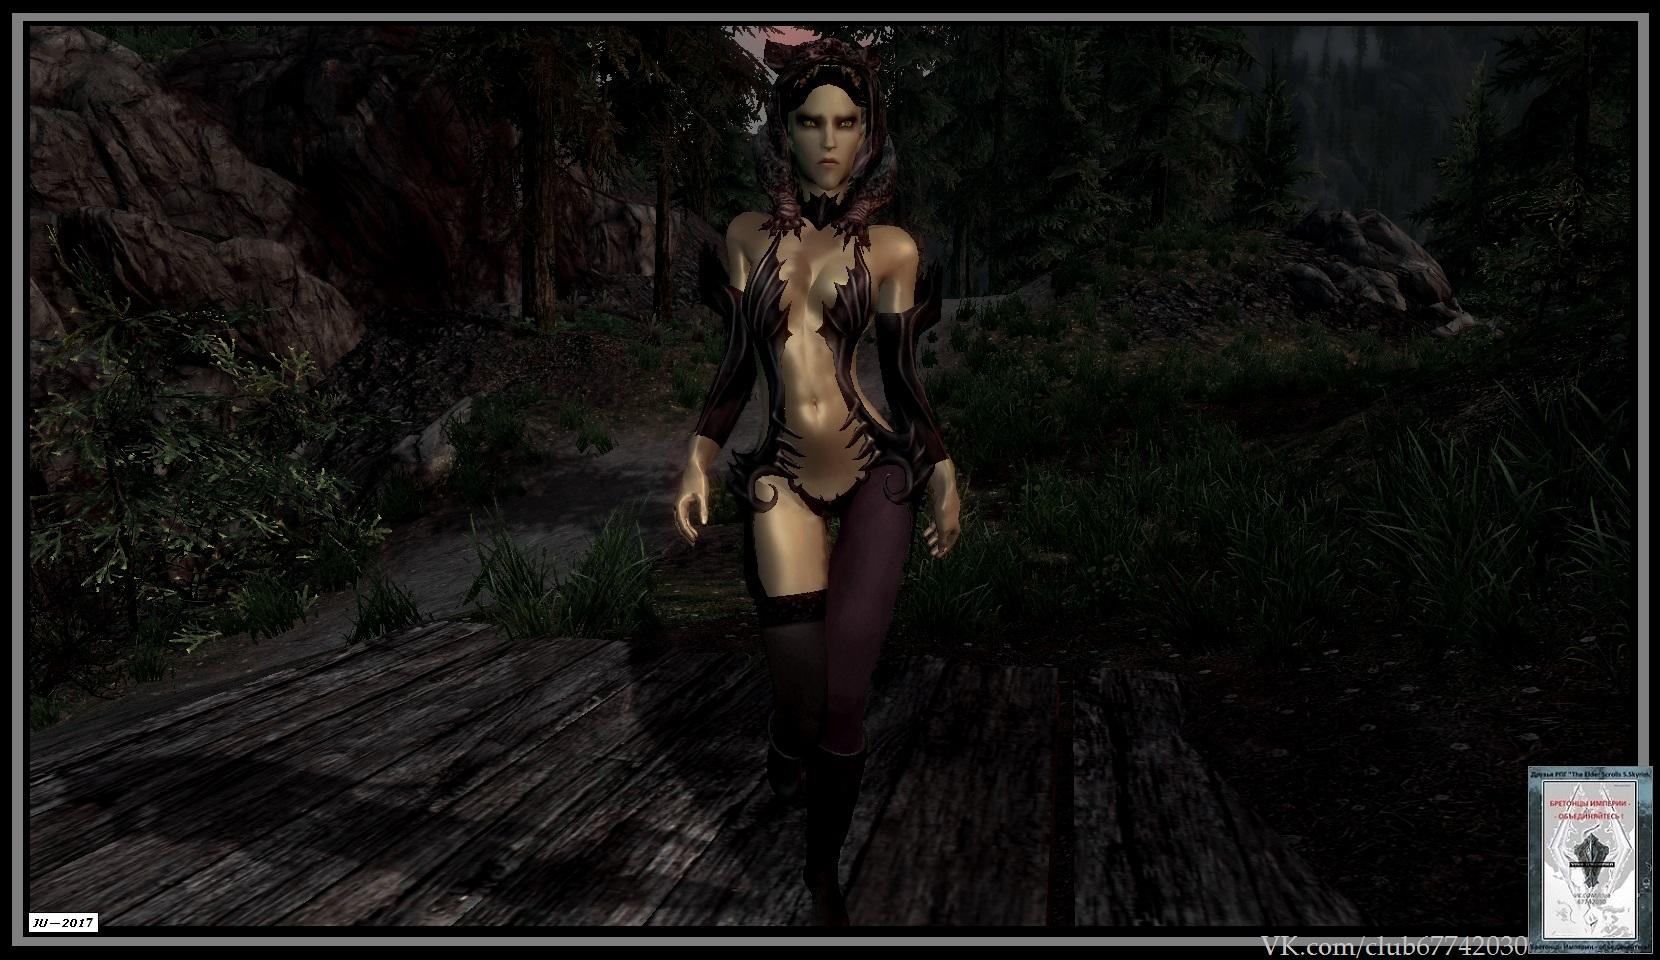 Колдуны Скайрима - Elder Scrolls 5: Skyrim, the колдун, маг, некромаг-оптимист, некромант